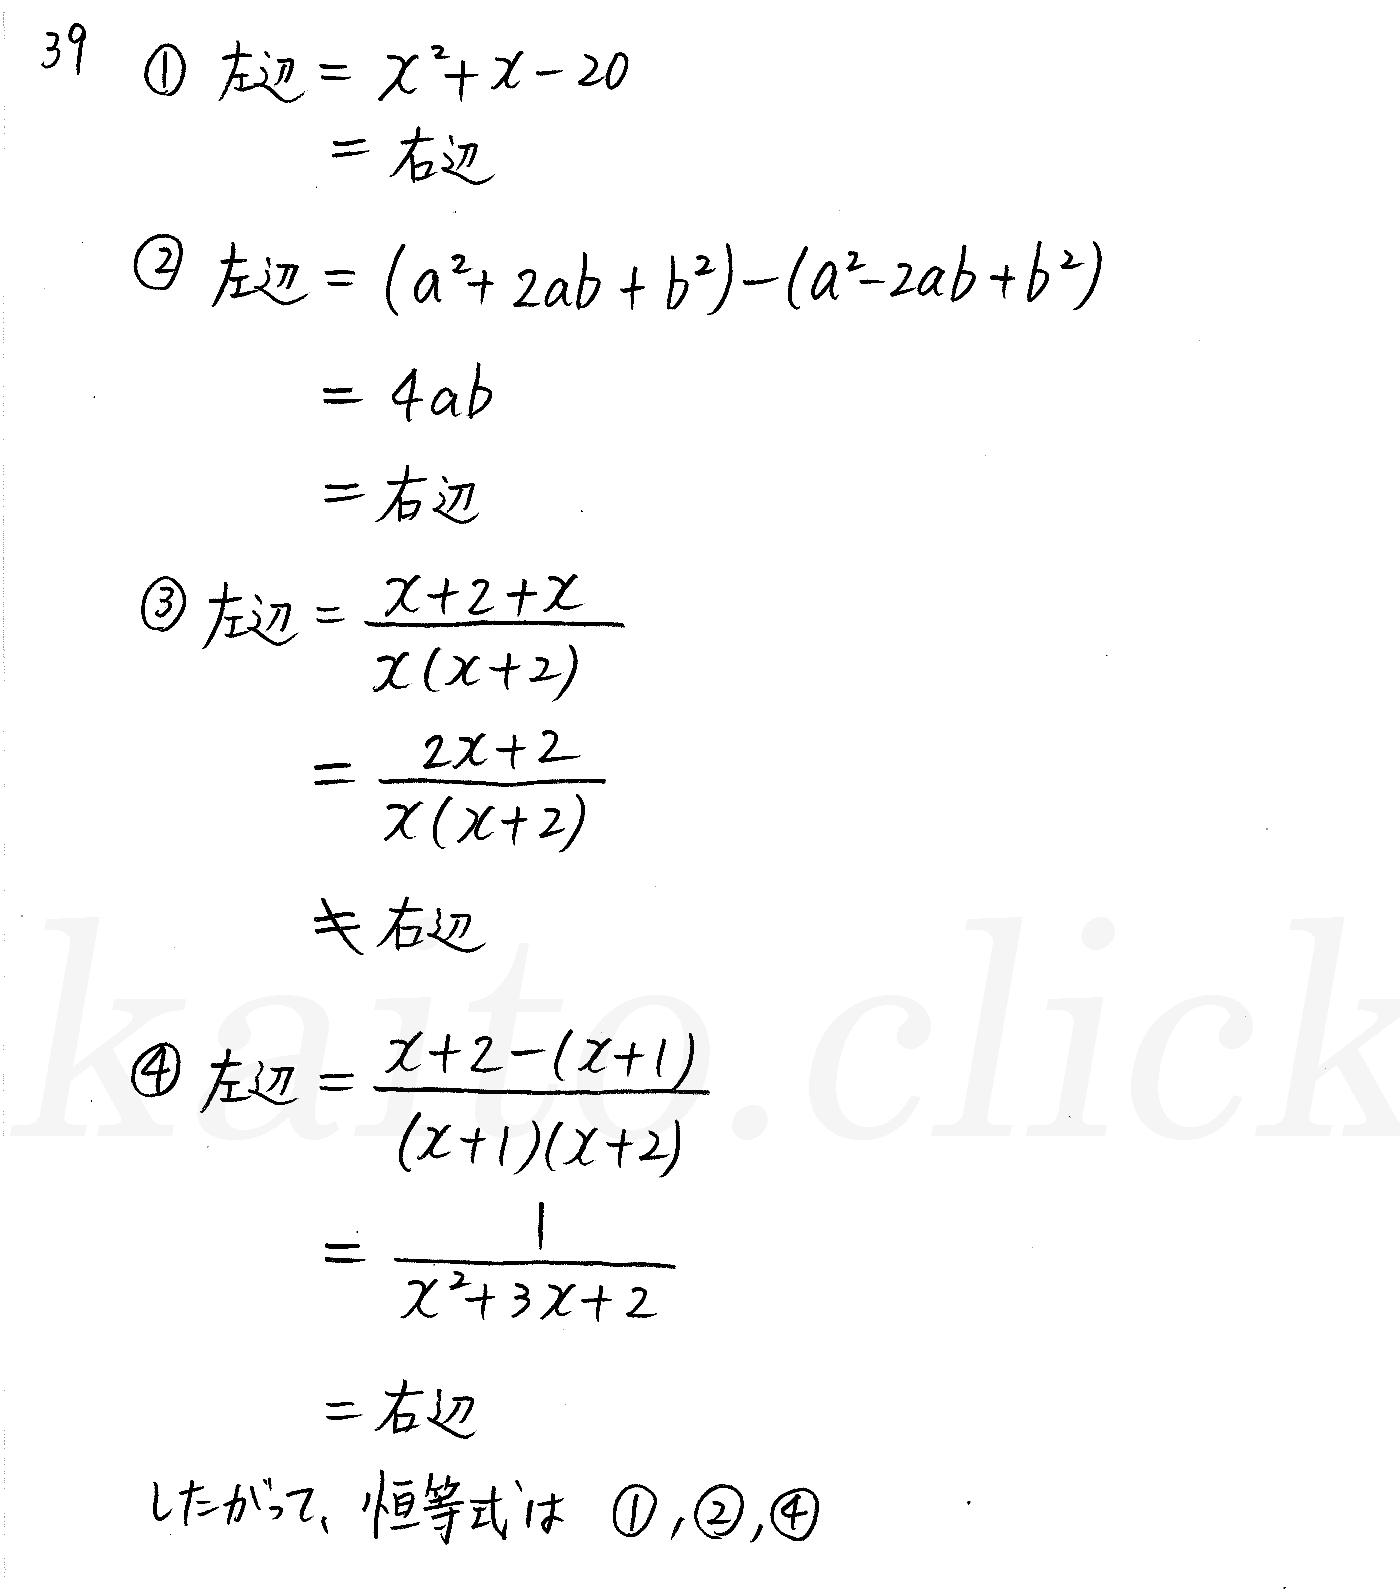 クリアー数学2-39解答